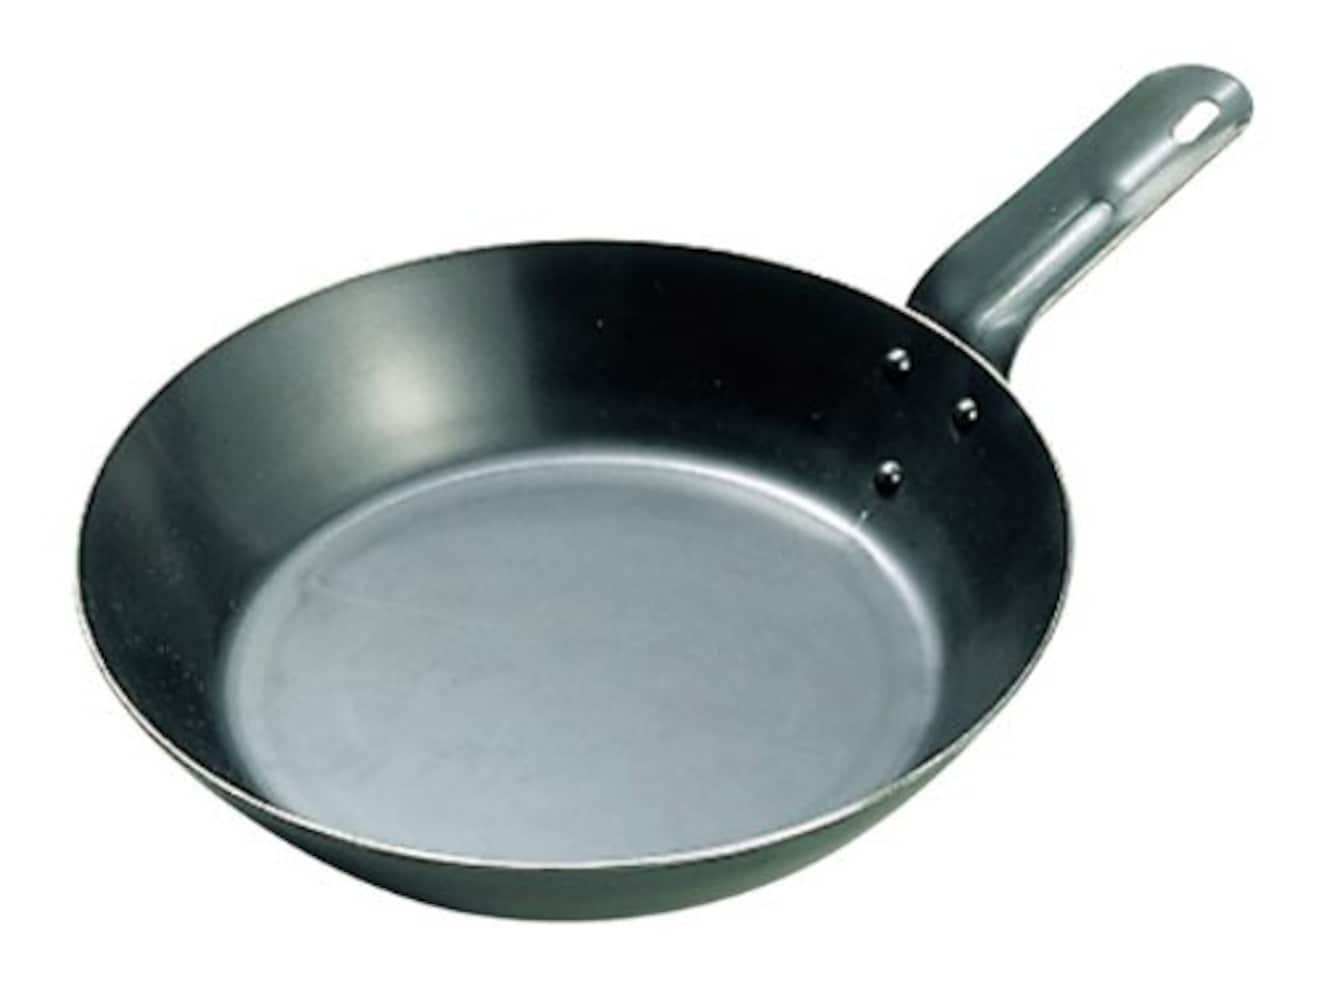 中尾アルミ製作所 キング 鉄 オーブレンジ用フライパン